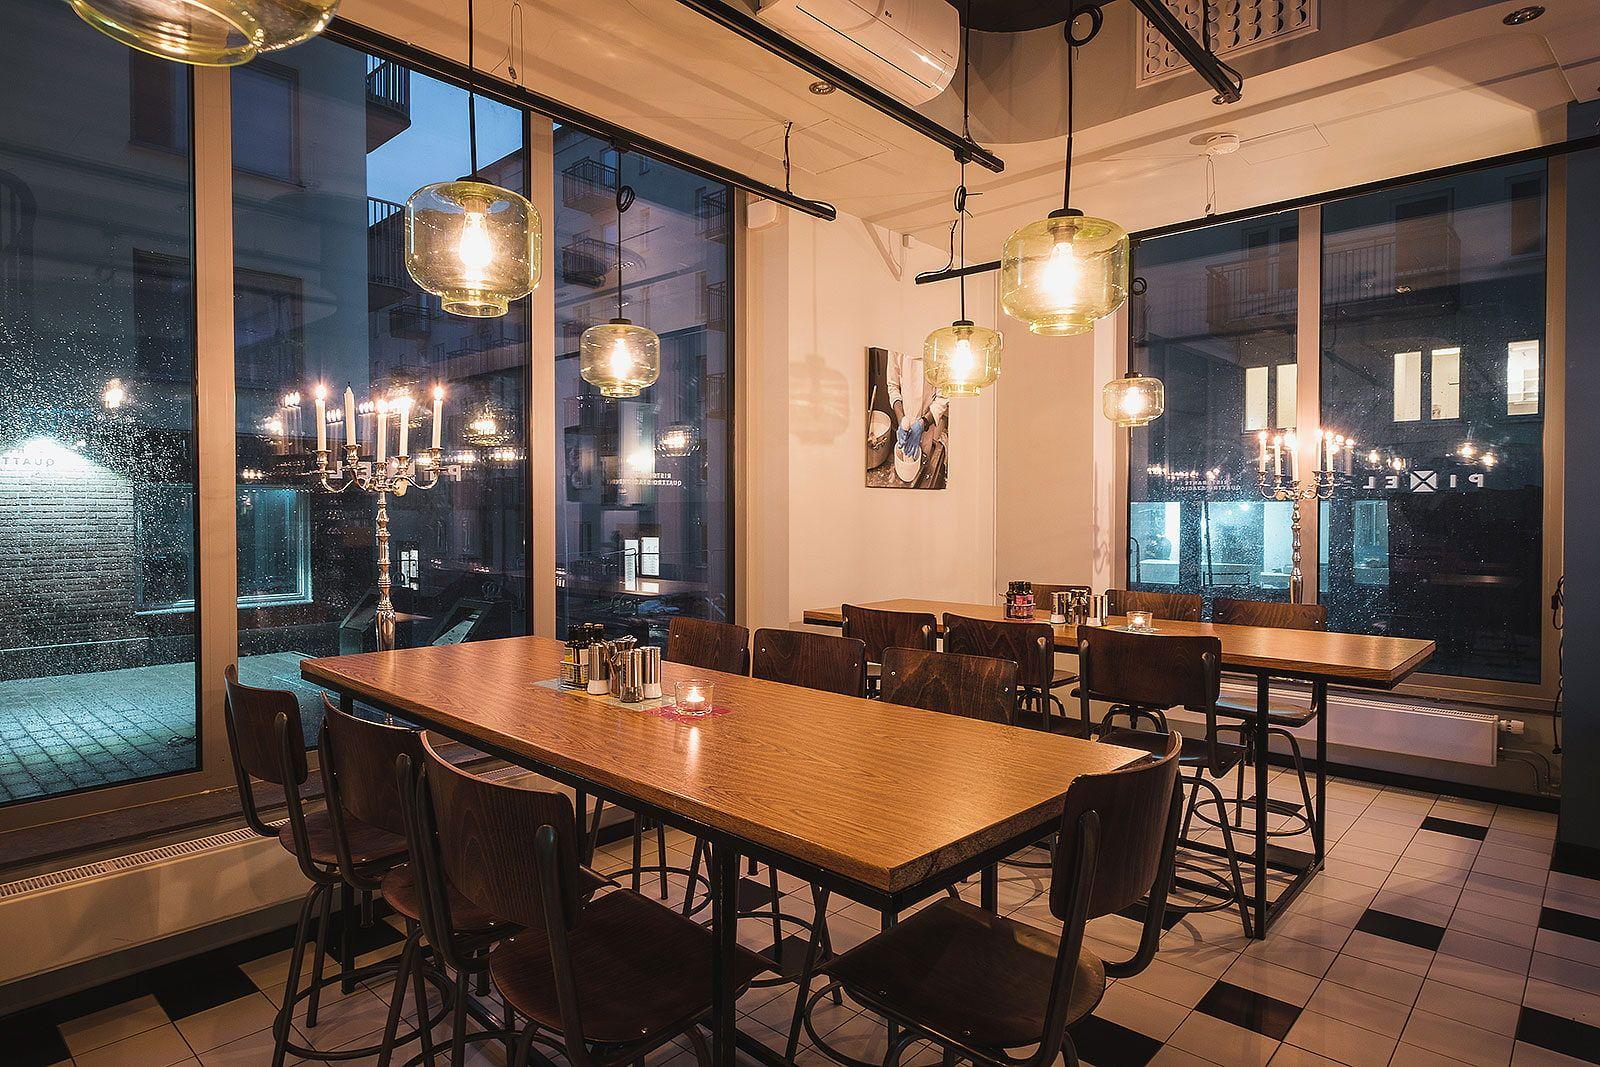 Bästa restaurangerna i Solna och Sundbyberg – Thatsup